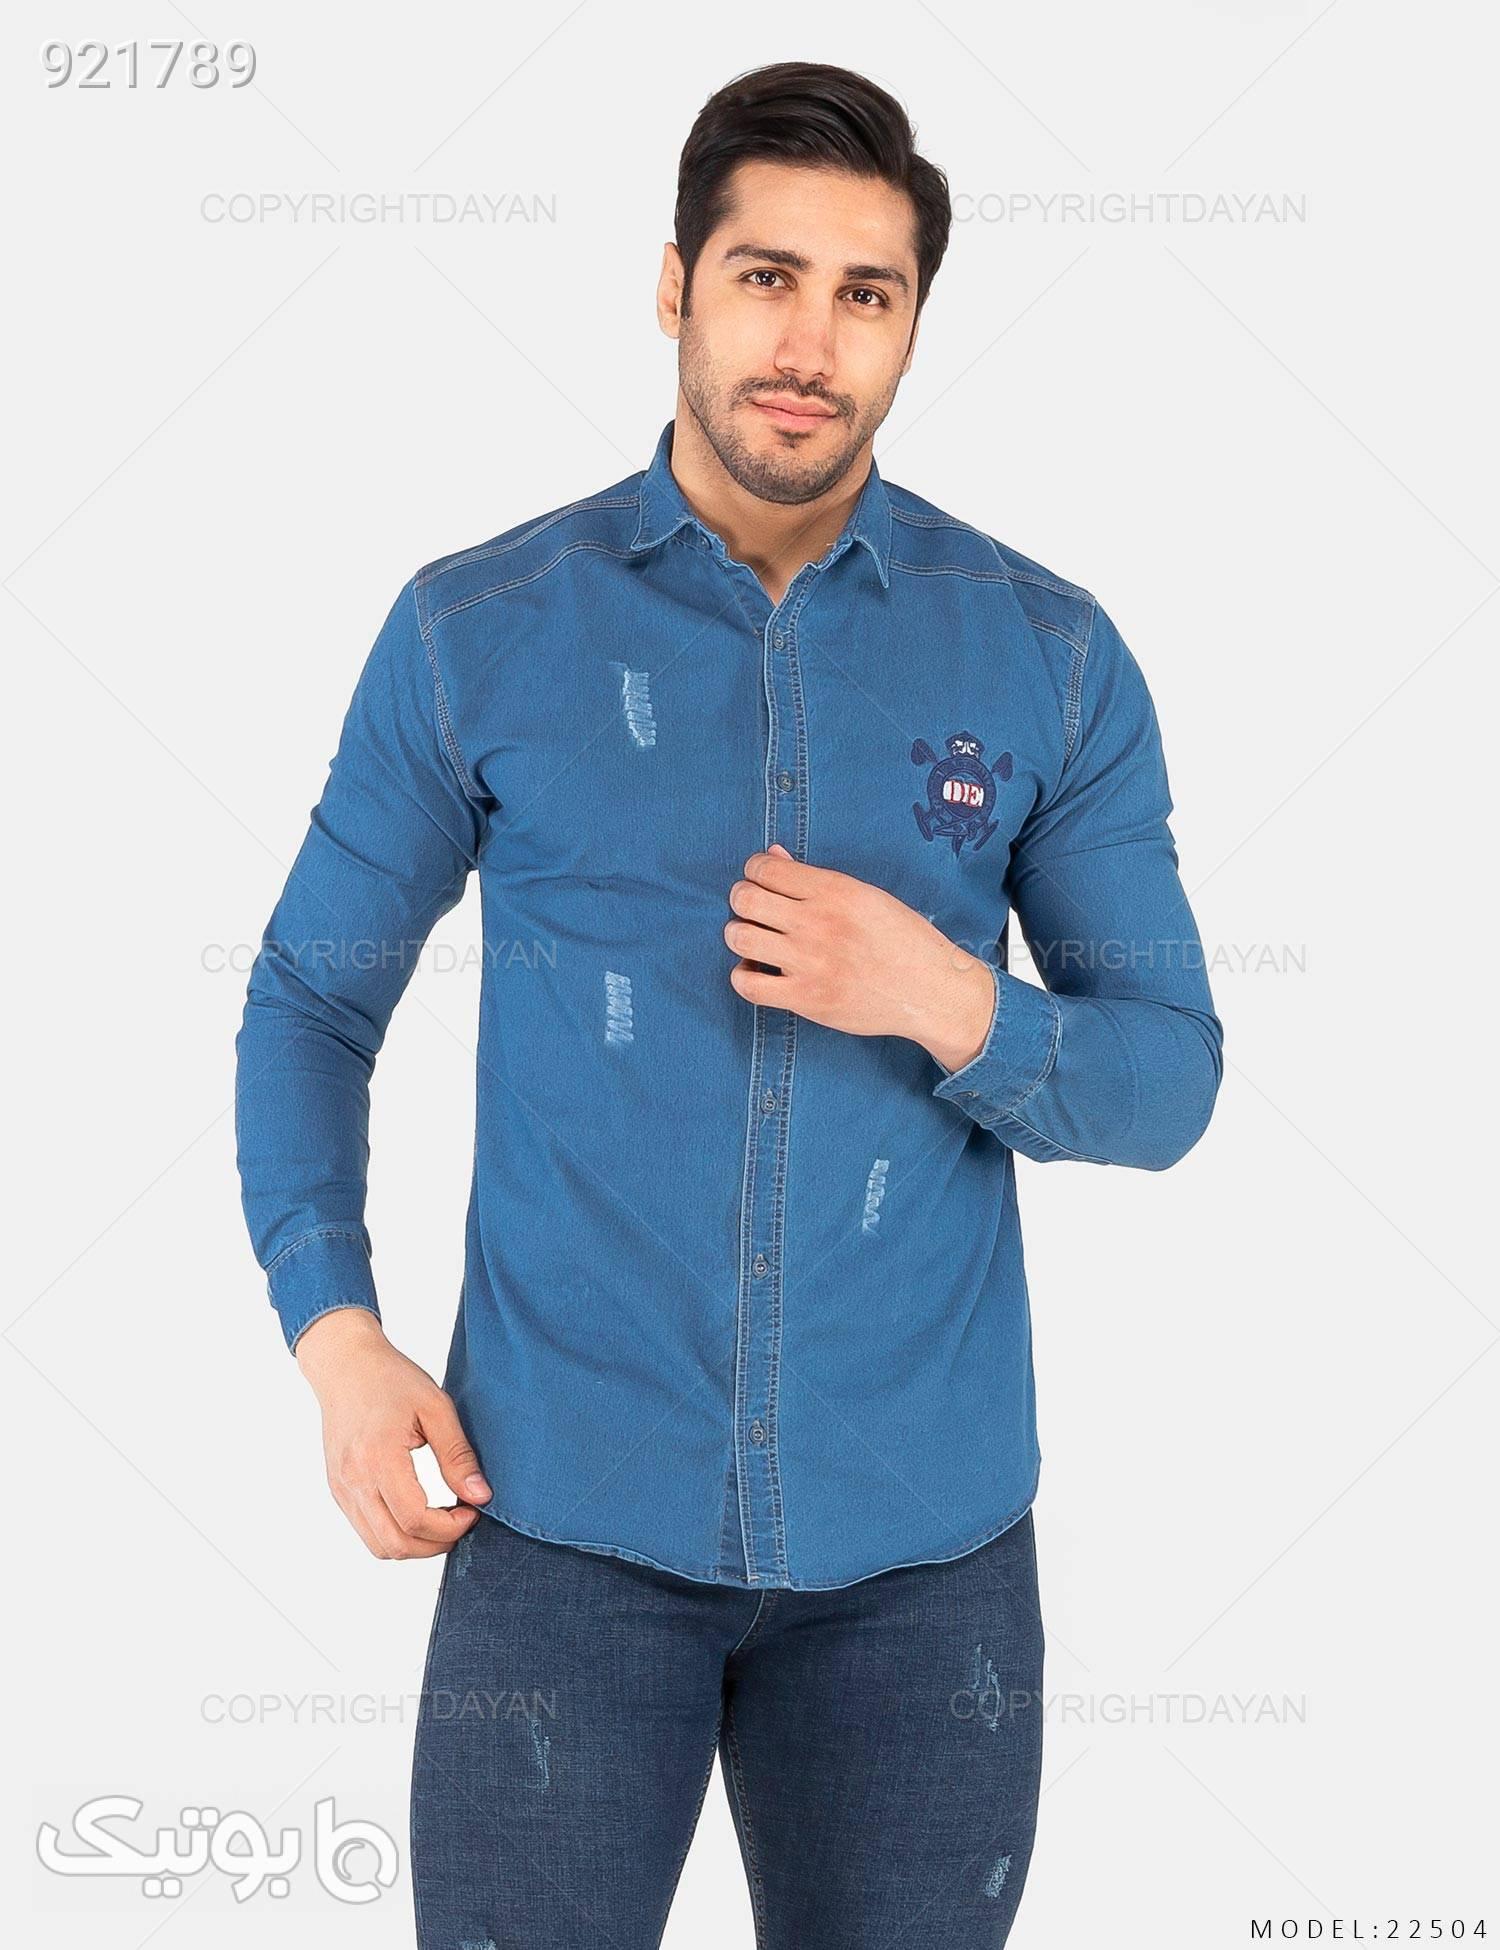 پیراهن مردانه Deniz مدل 22504 آبی پيراهن مردانه